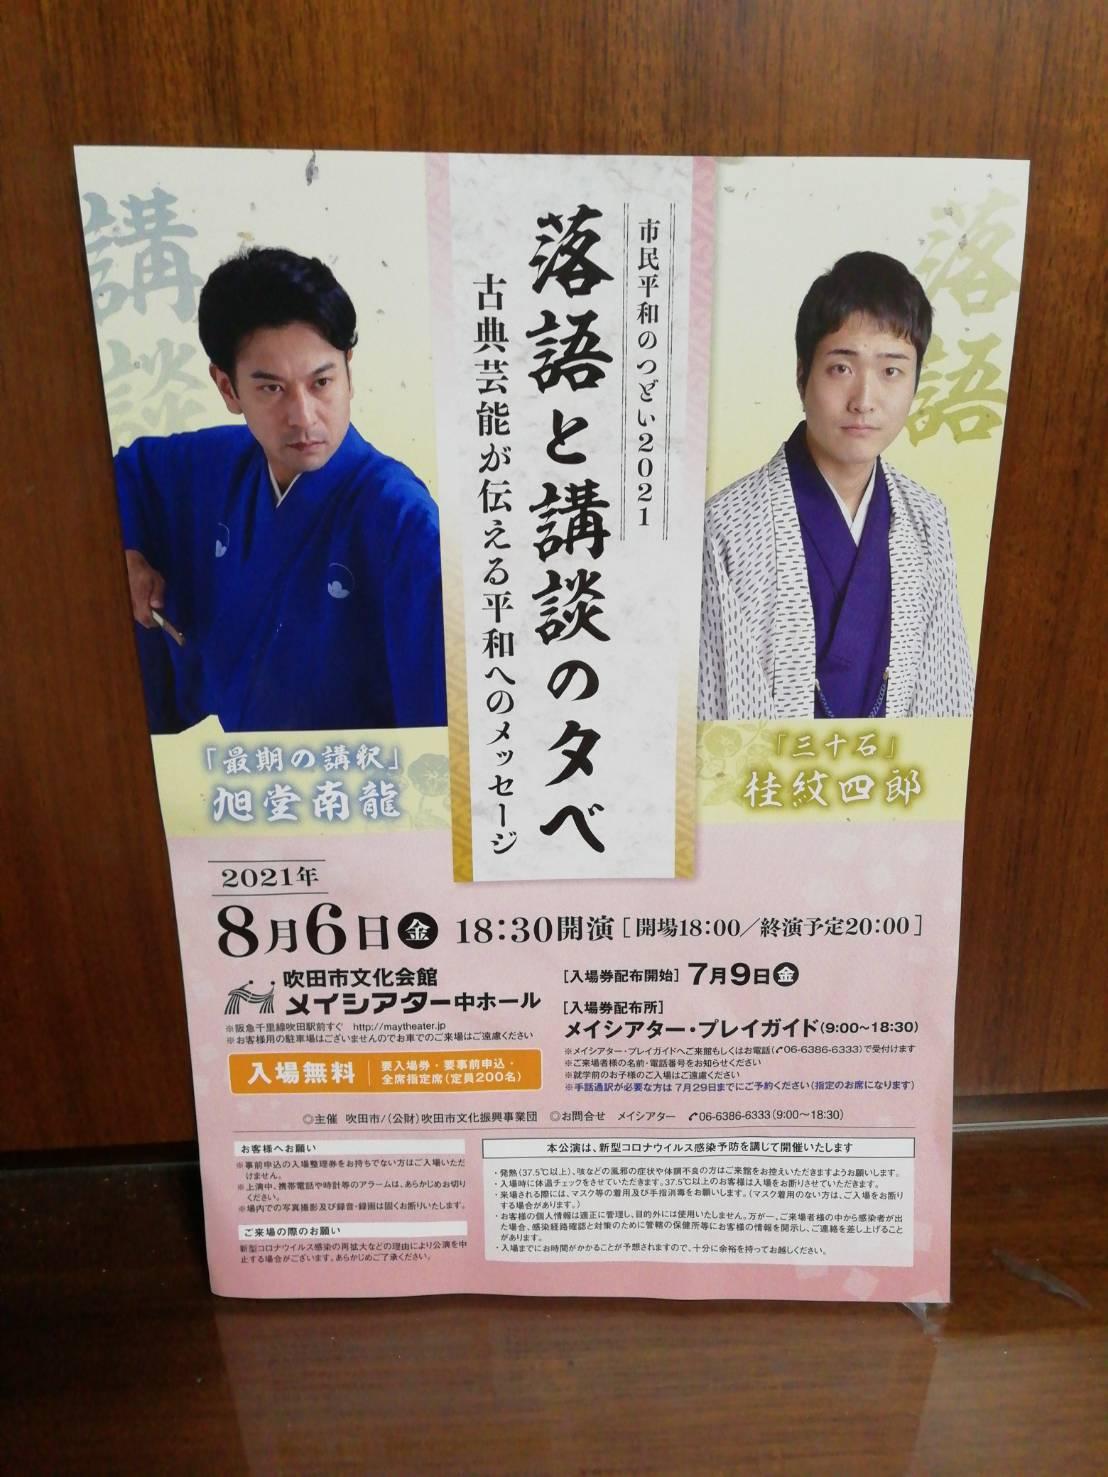 旭堂南龍・桂紋四郎 落語と講談の夕べ